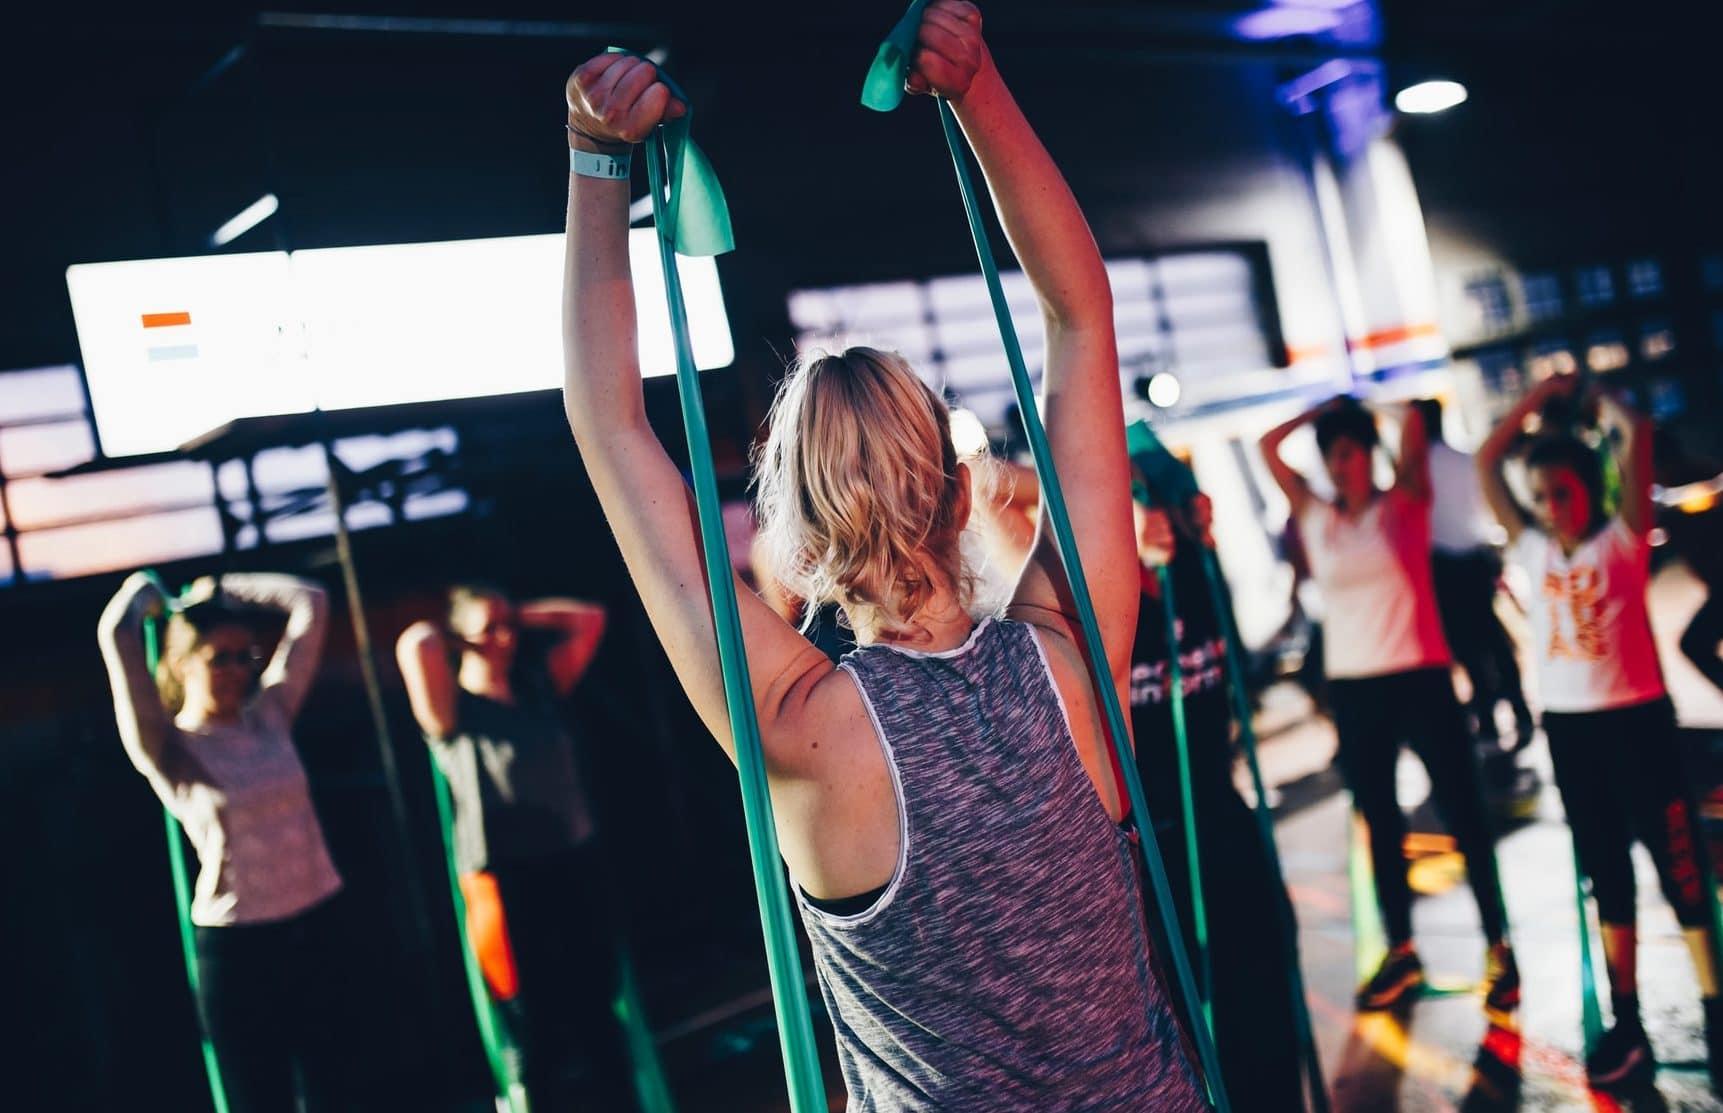 Workout met weerstandsbanden, achteraanzicht